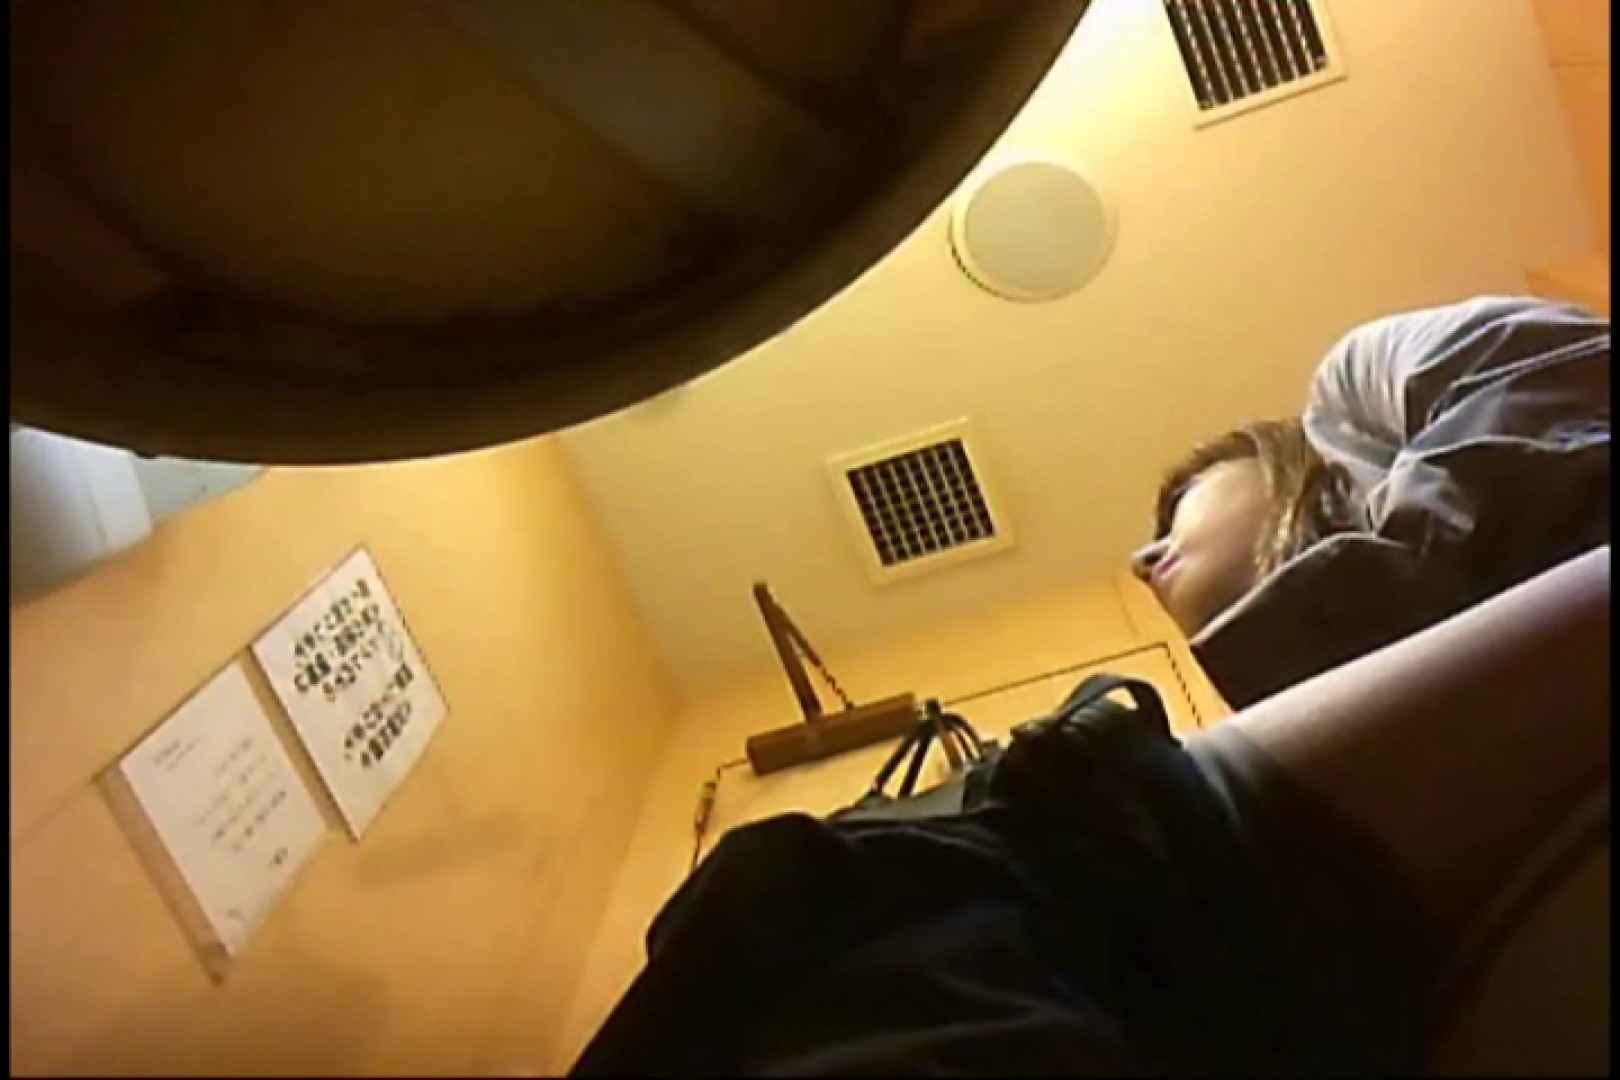 マダムが集まるデパートお手洗い Vol.31 お手洗いで・・・ すけべAV動画紹介 75画像 41